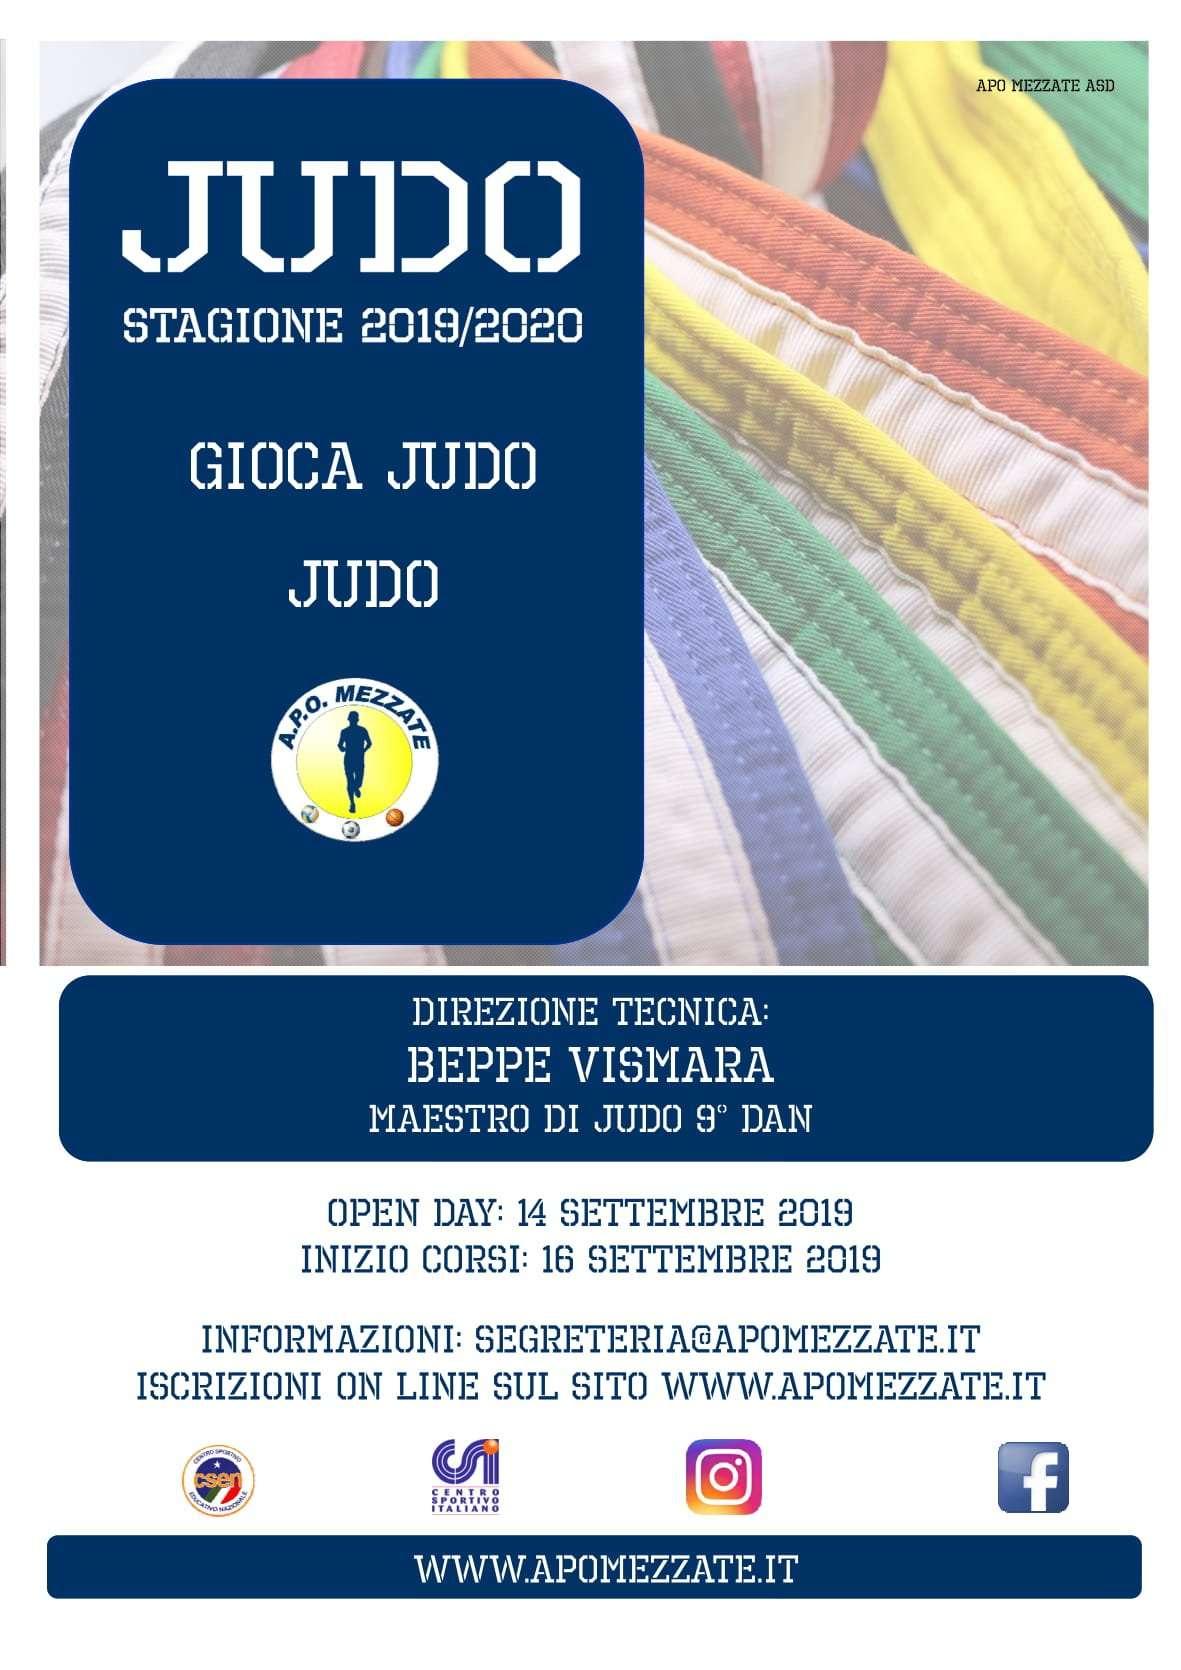 judo 1 - Scuola Materna Peschiera Borromeo